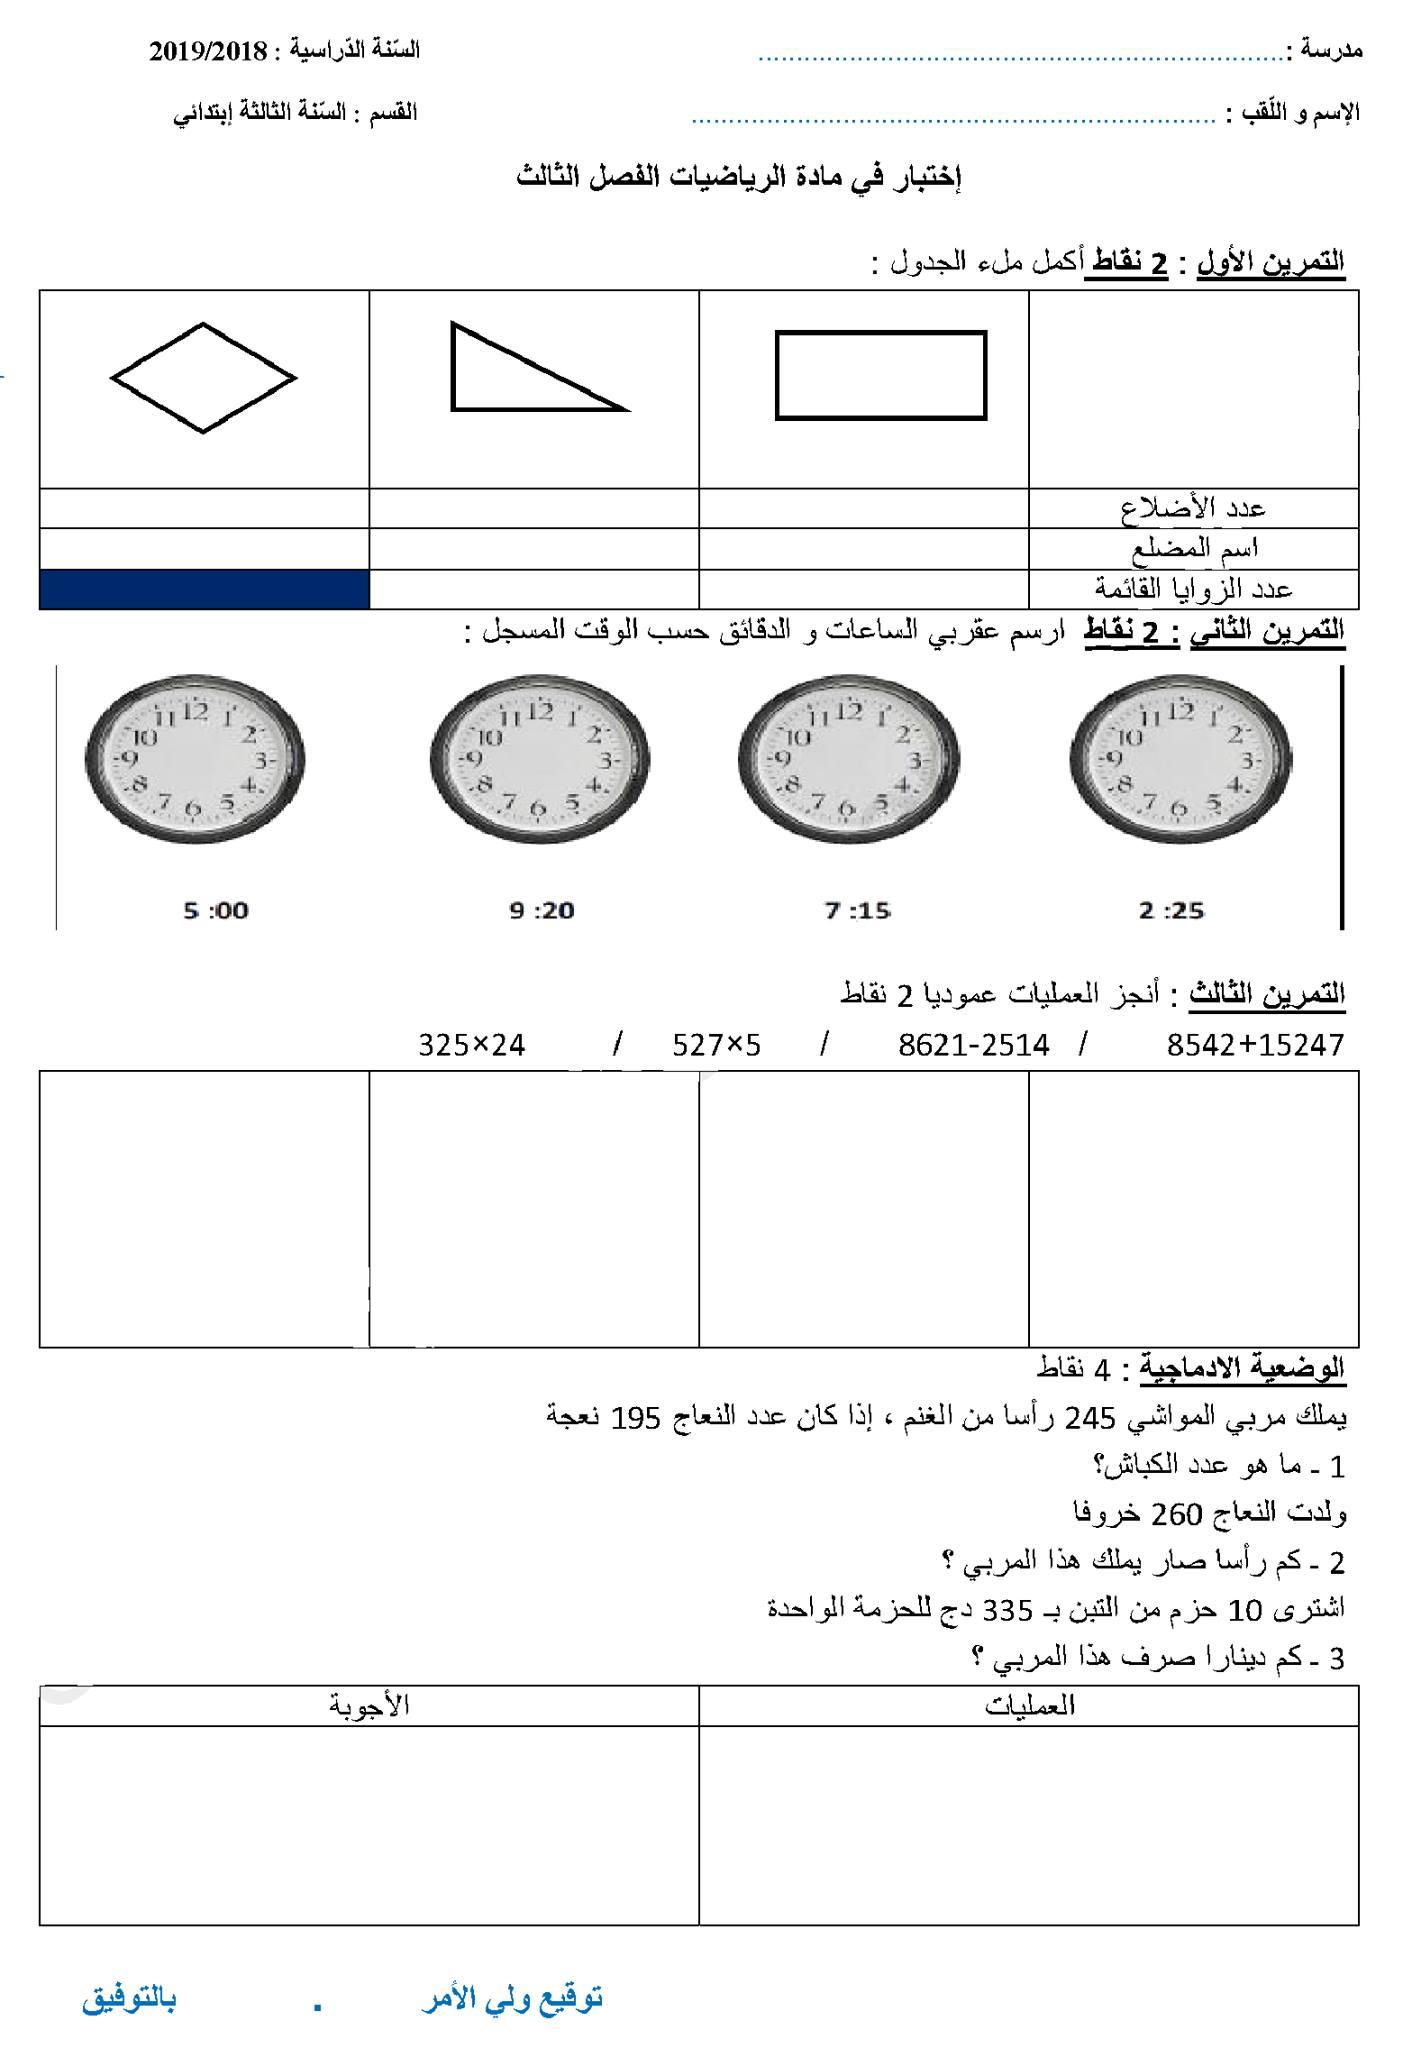 اختبار الفصل الثالث في مادة الرياضيات | السنة الثالثة ابتدائي | الموضوع 04